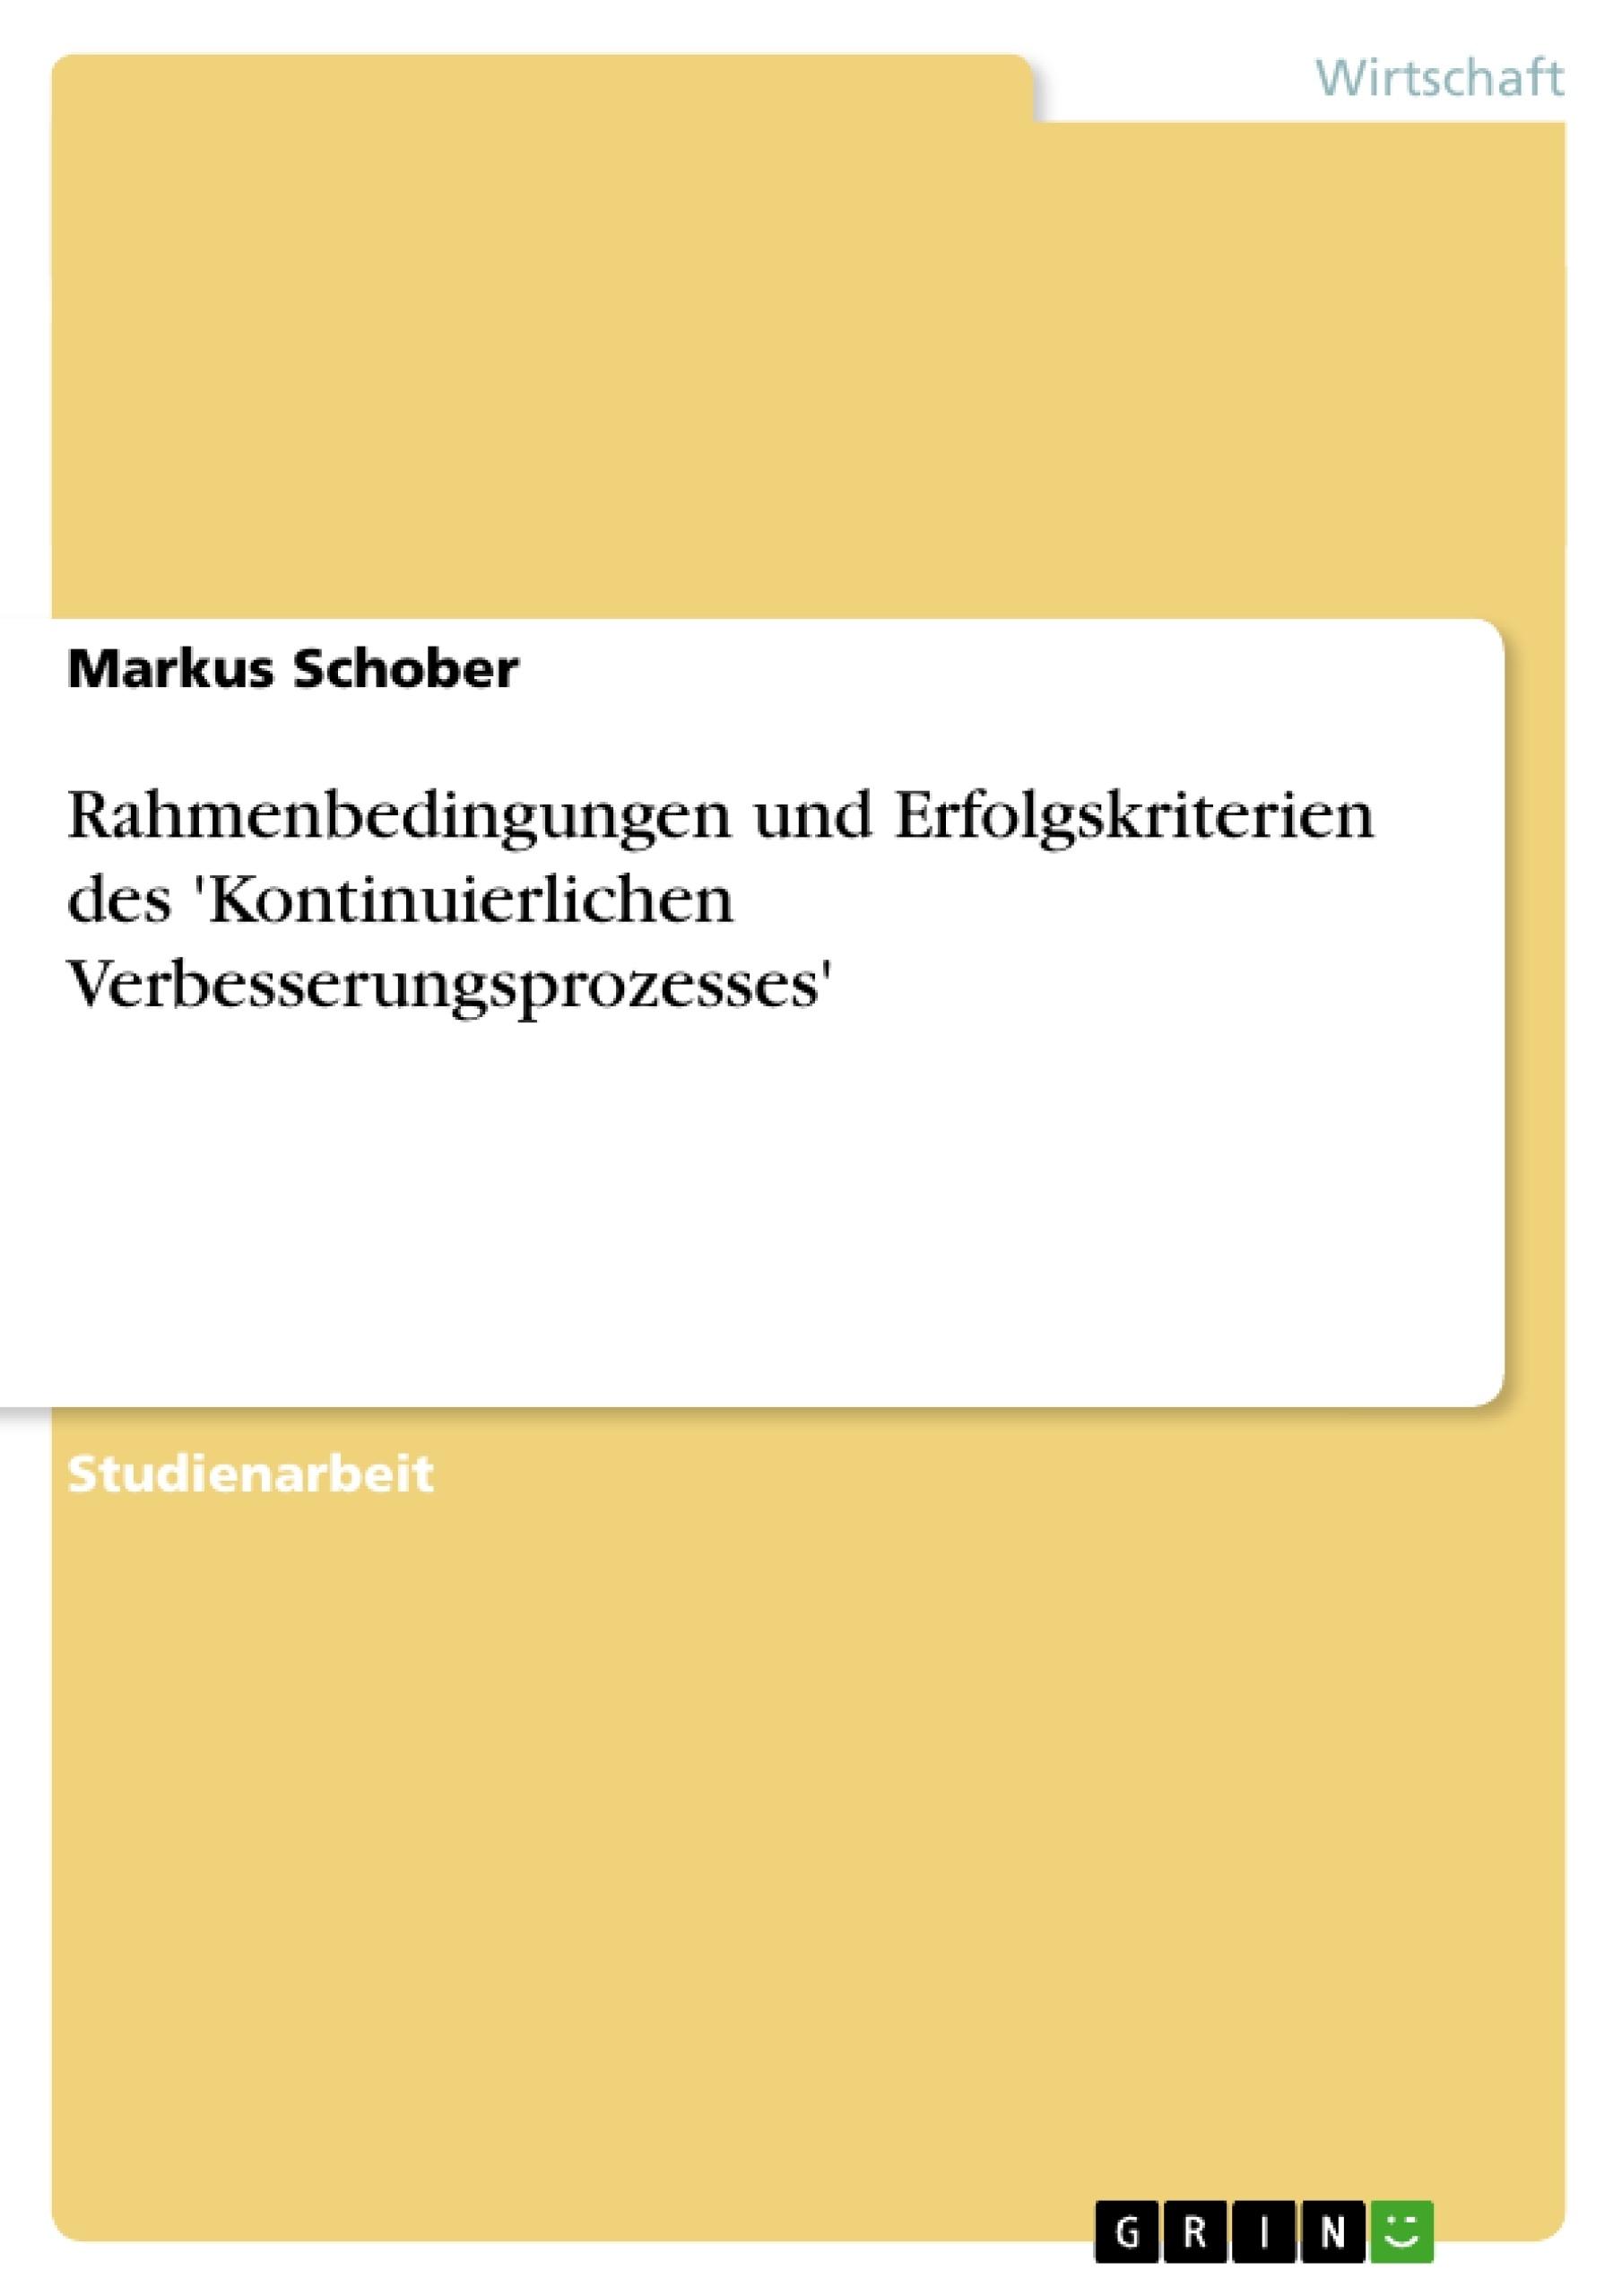 Titel: Rahmenbedingungen und Erfolgskriterien des 'Kontinuierlichen Verbesserungsprozesses'